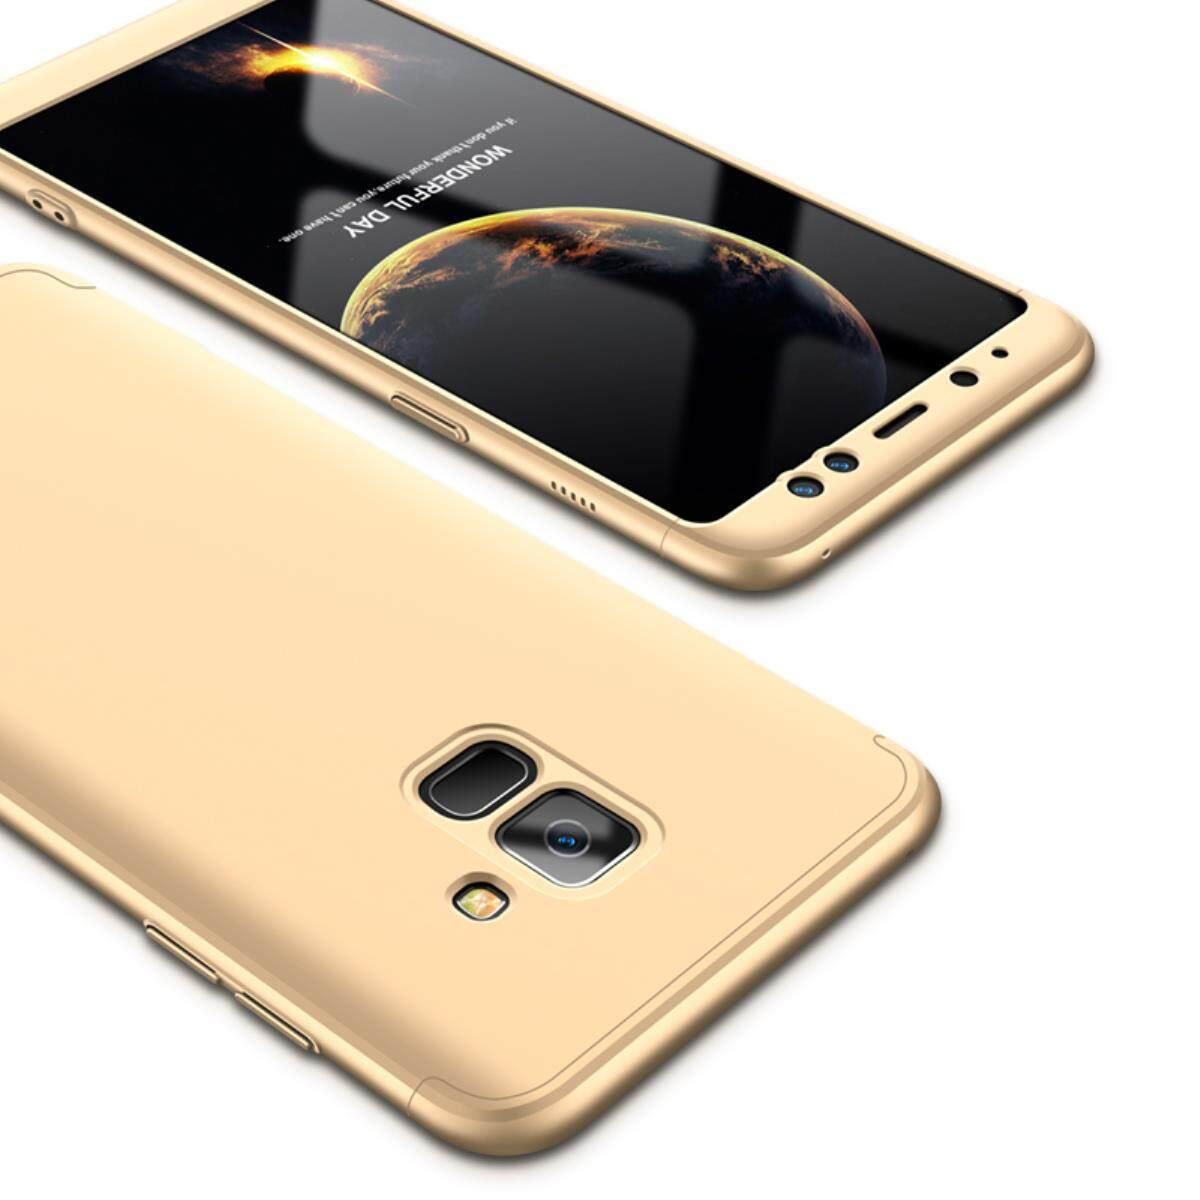 Giá Bán Samsung Galaxy A8 2018 5 6 Case Mooncase Mờ Vỏ Cứng Lưng Pc 360 Toan Than Bảo Vệ Chống Sốc Với 3 Phần Co Thể Thao Rời Ốp Lưng Điện Thoại Như Hinh Quốc Tế Nguyên Mooncase